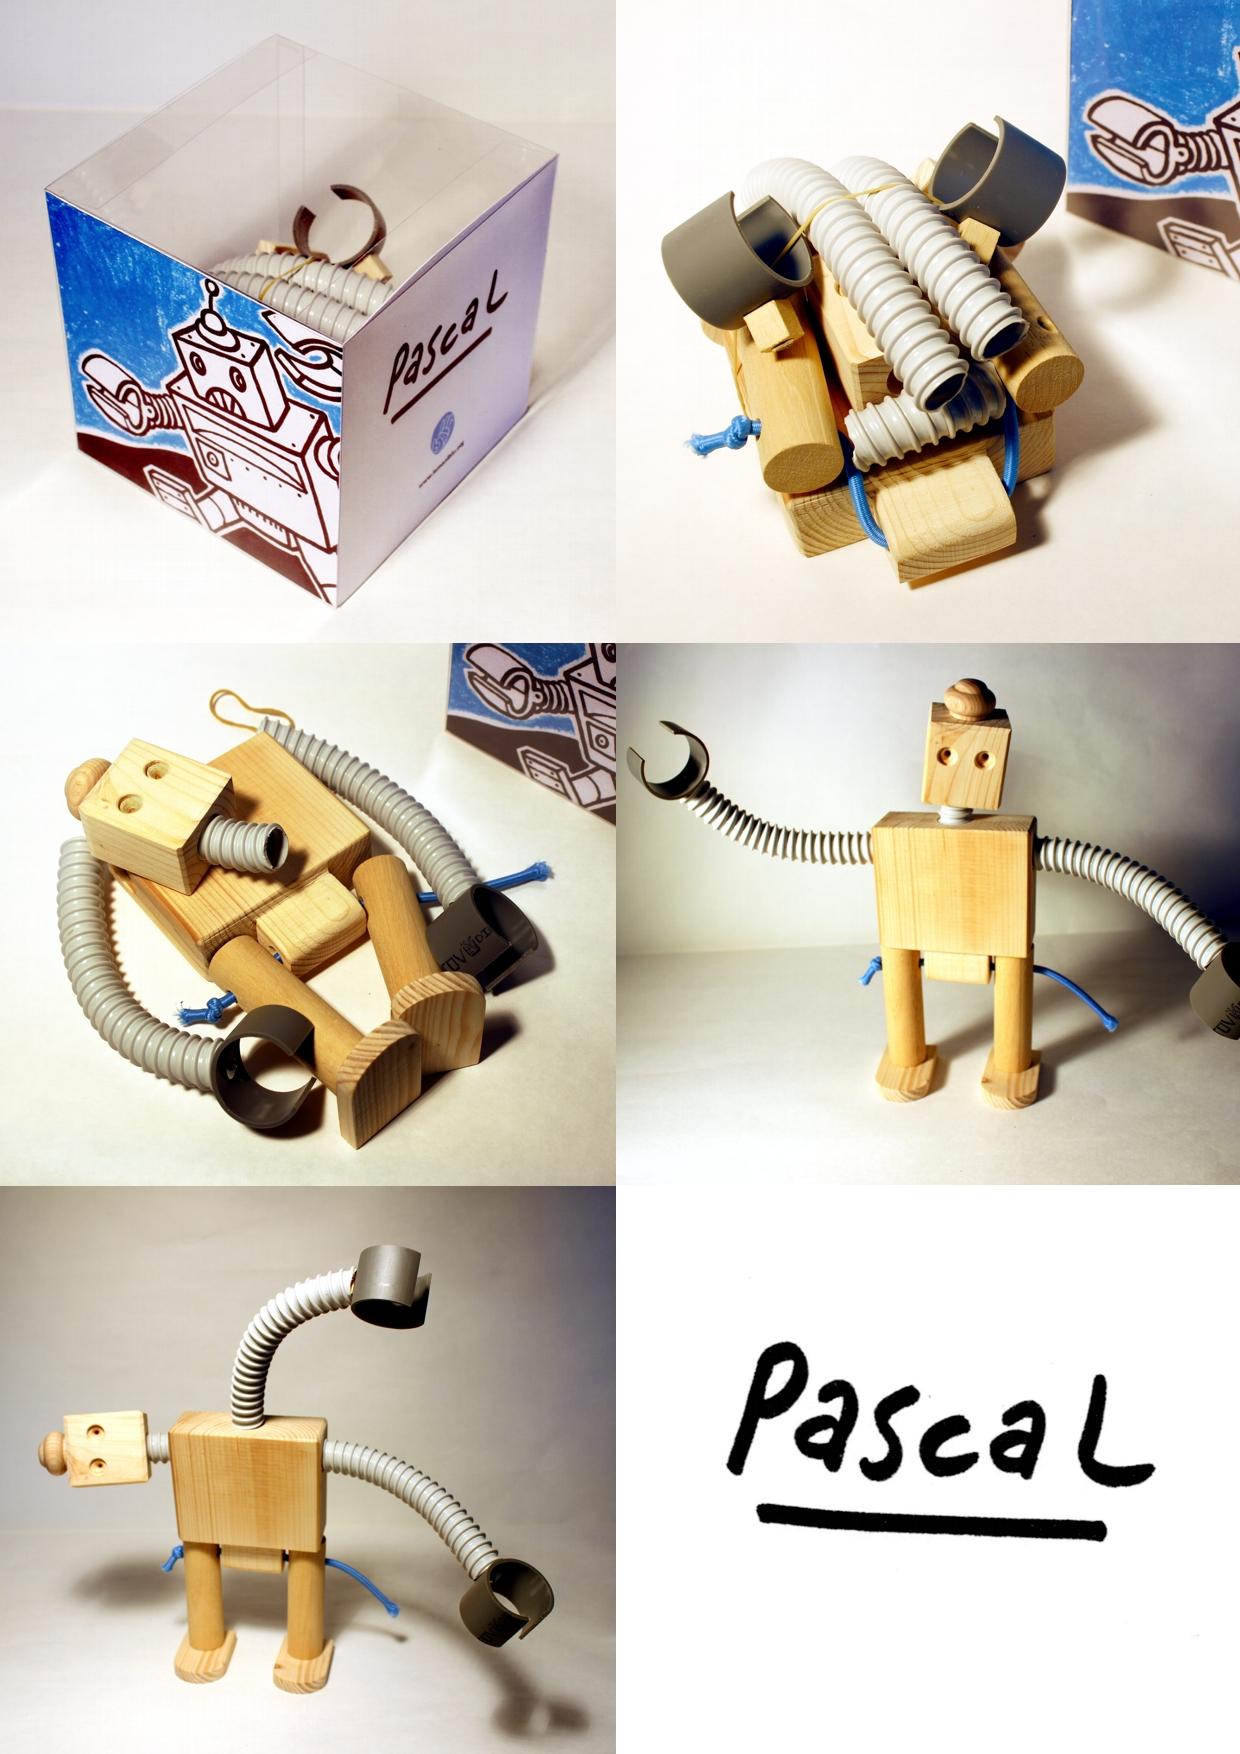 pascal_img